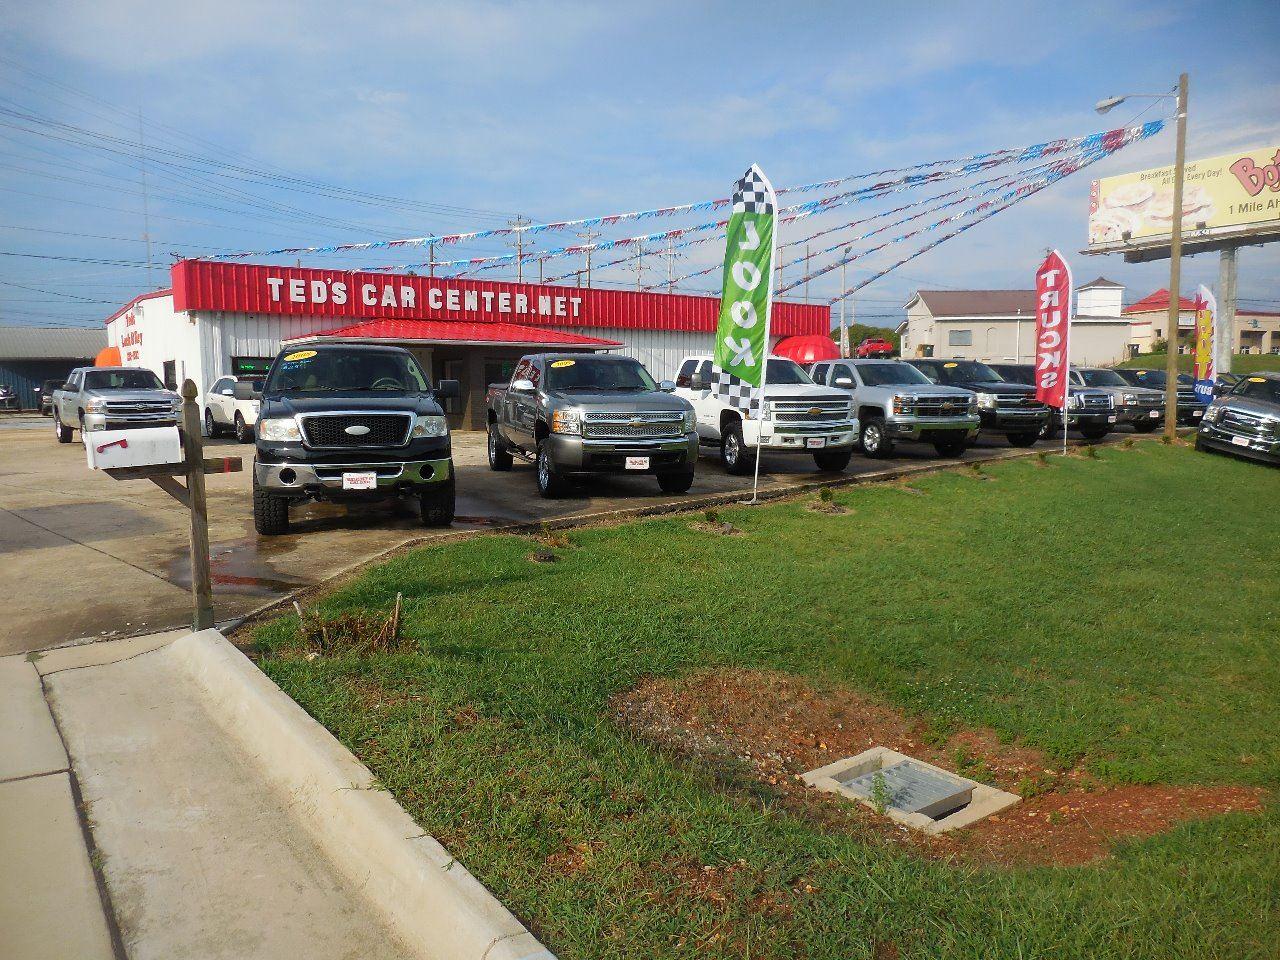 TEDS CAR CENTER